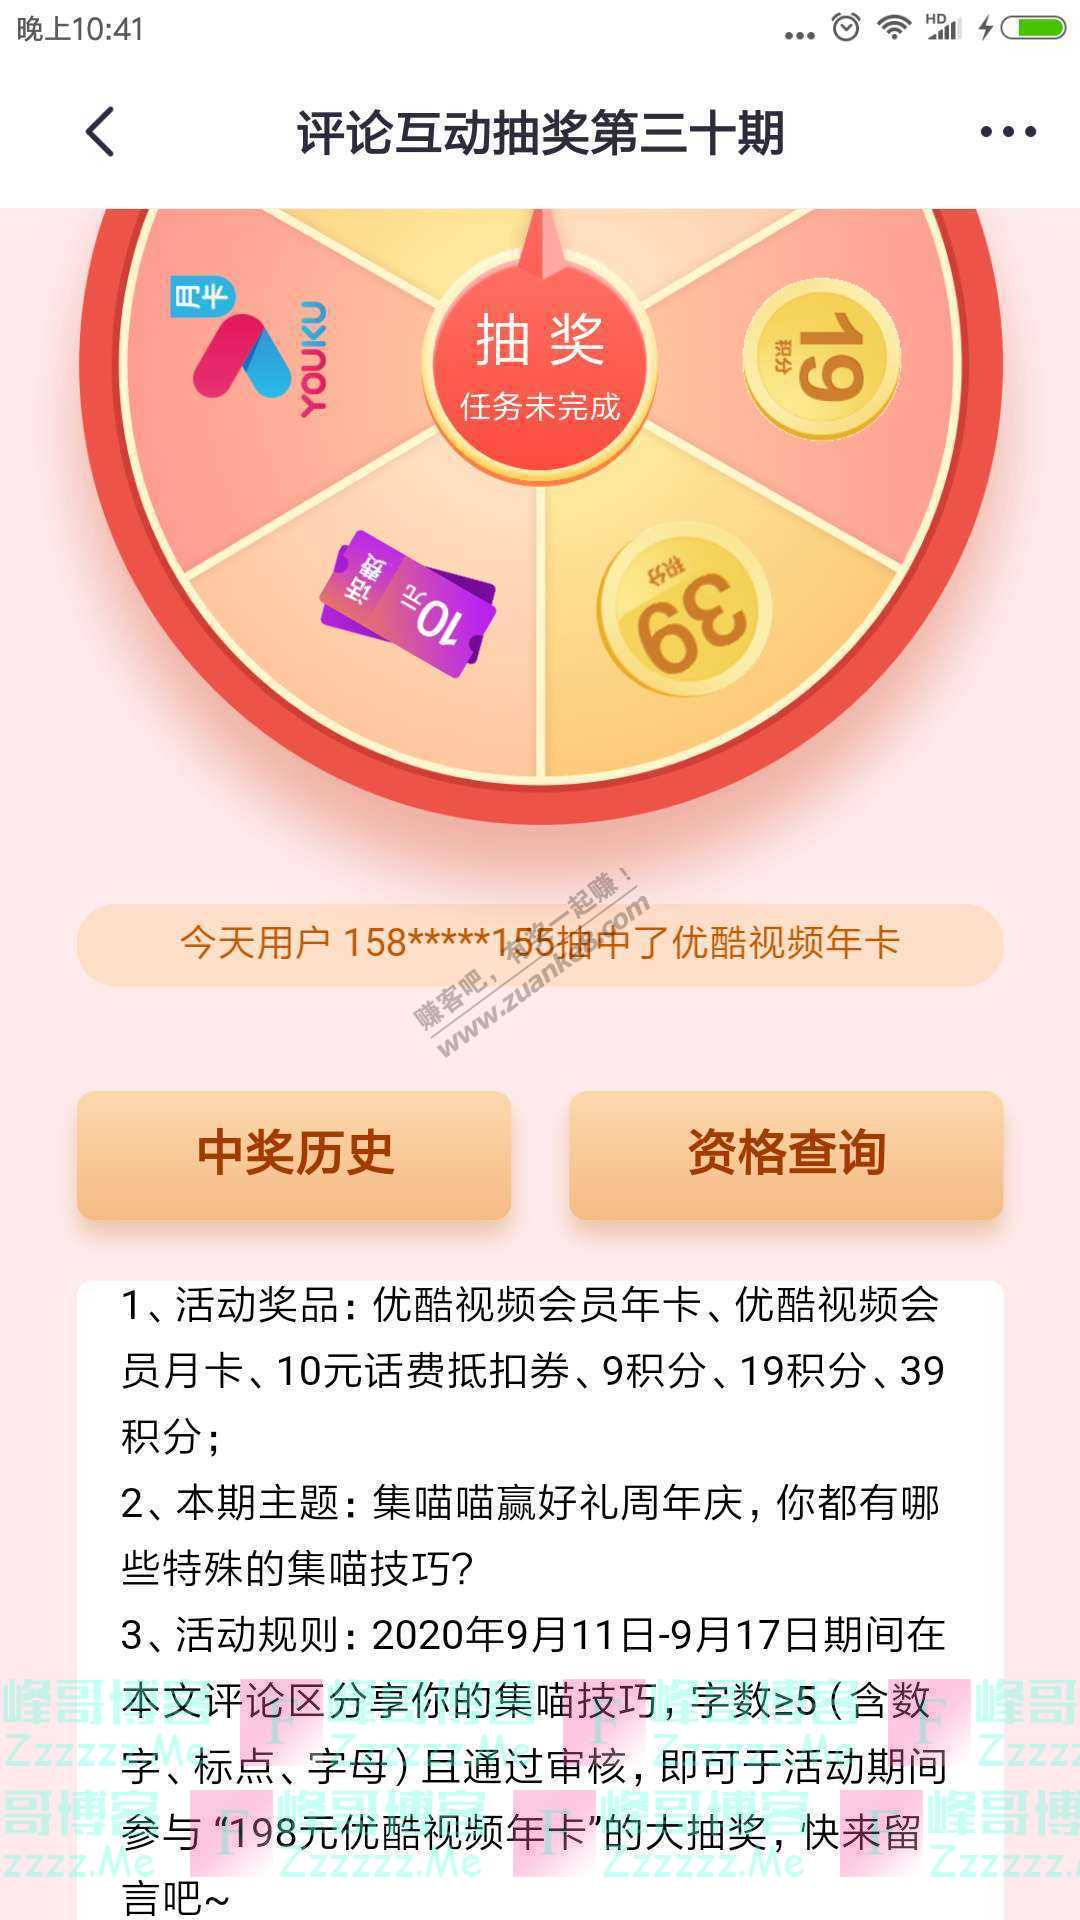 掌上生活app评论互动抽奖第三十期(截止9月17日)